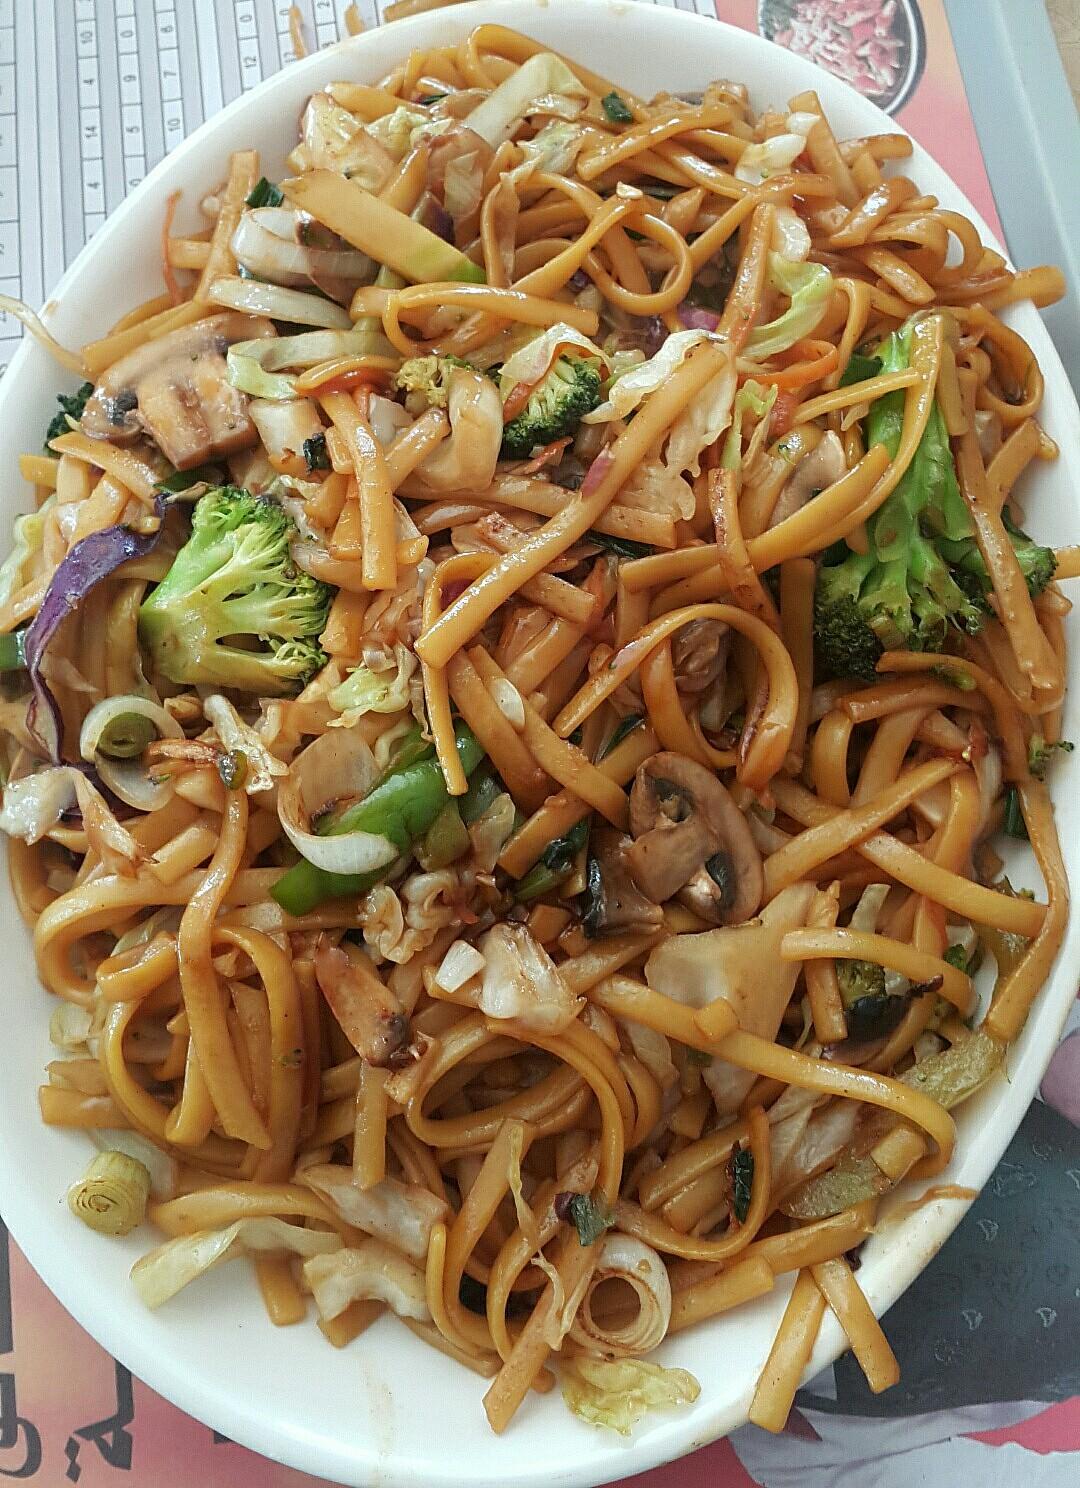 Yummy #noodles @ Yum Yum Tree (vanellis) - Bahrain